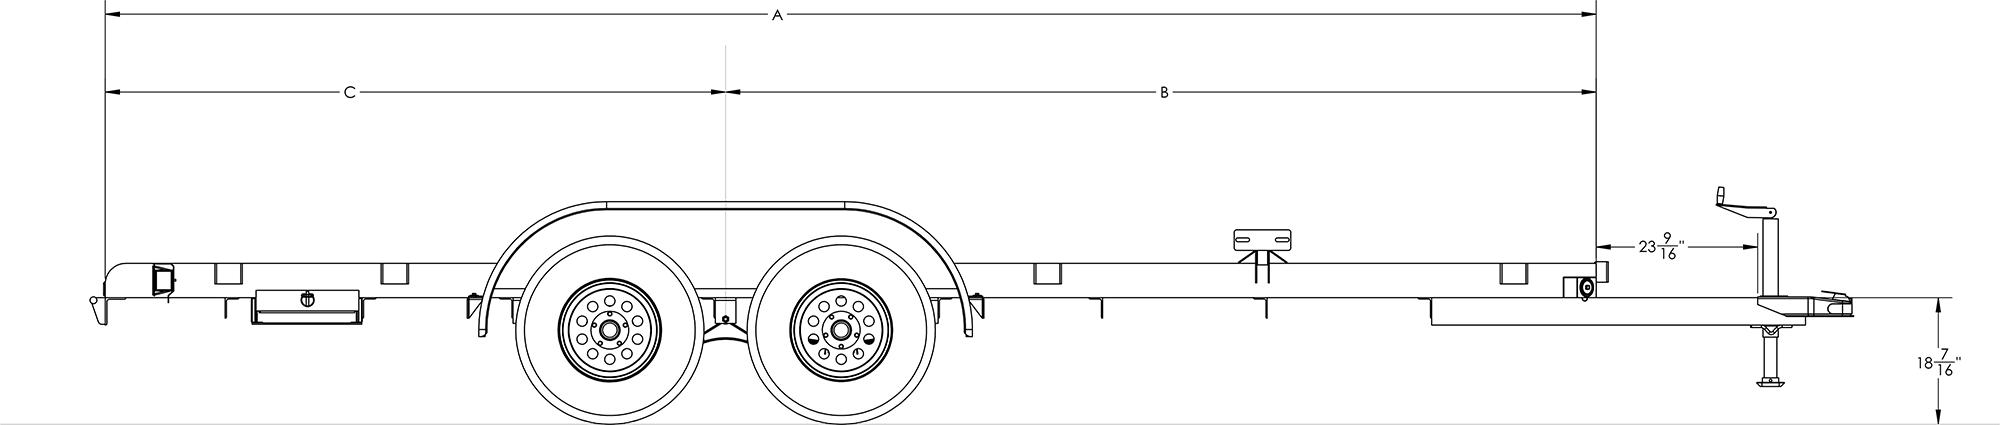 Economy Tandem Axle Car Hauler